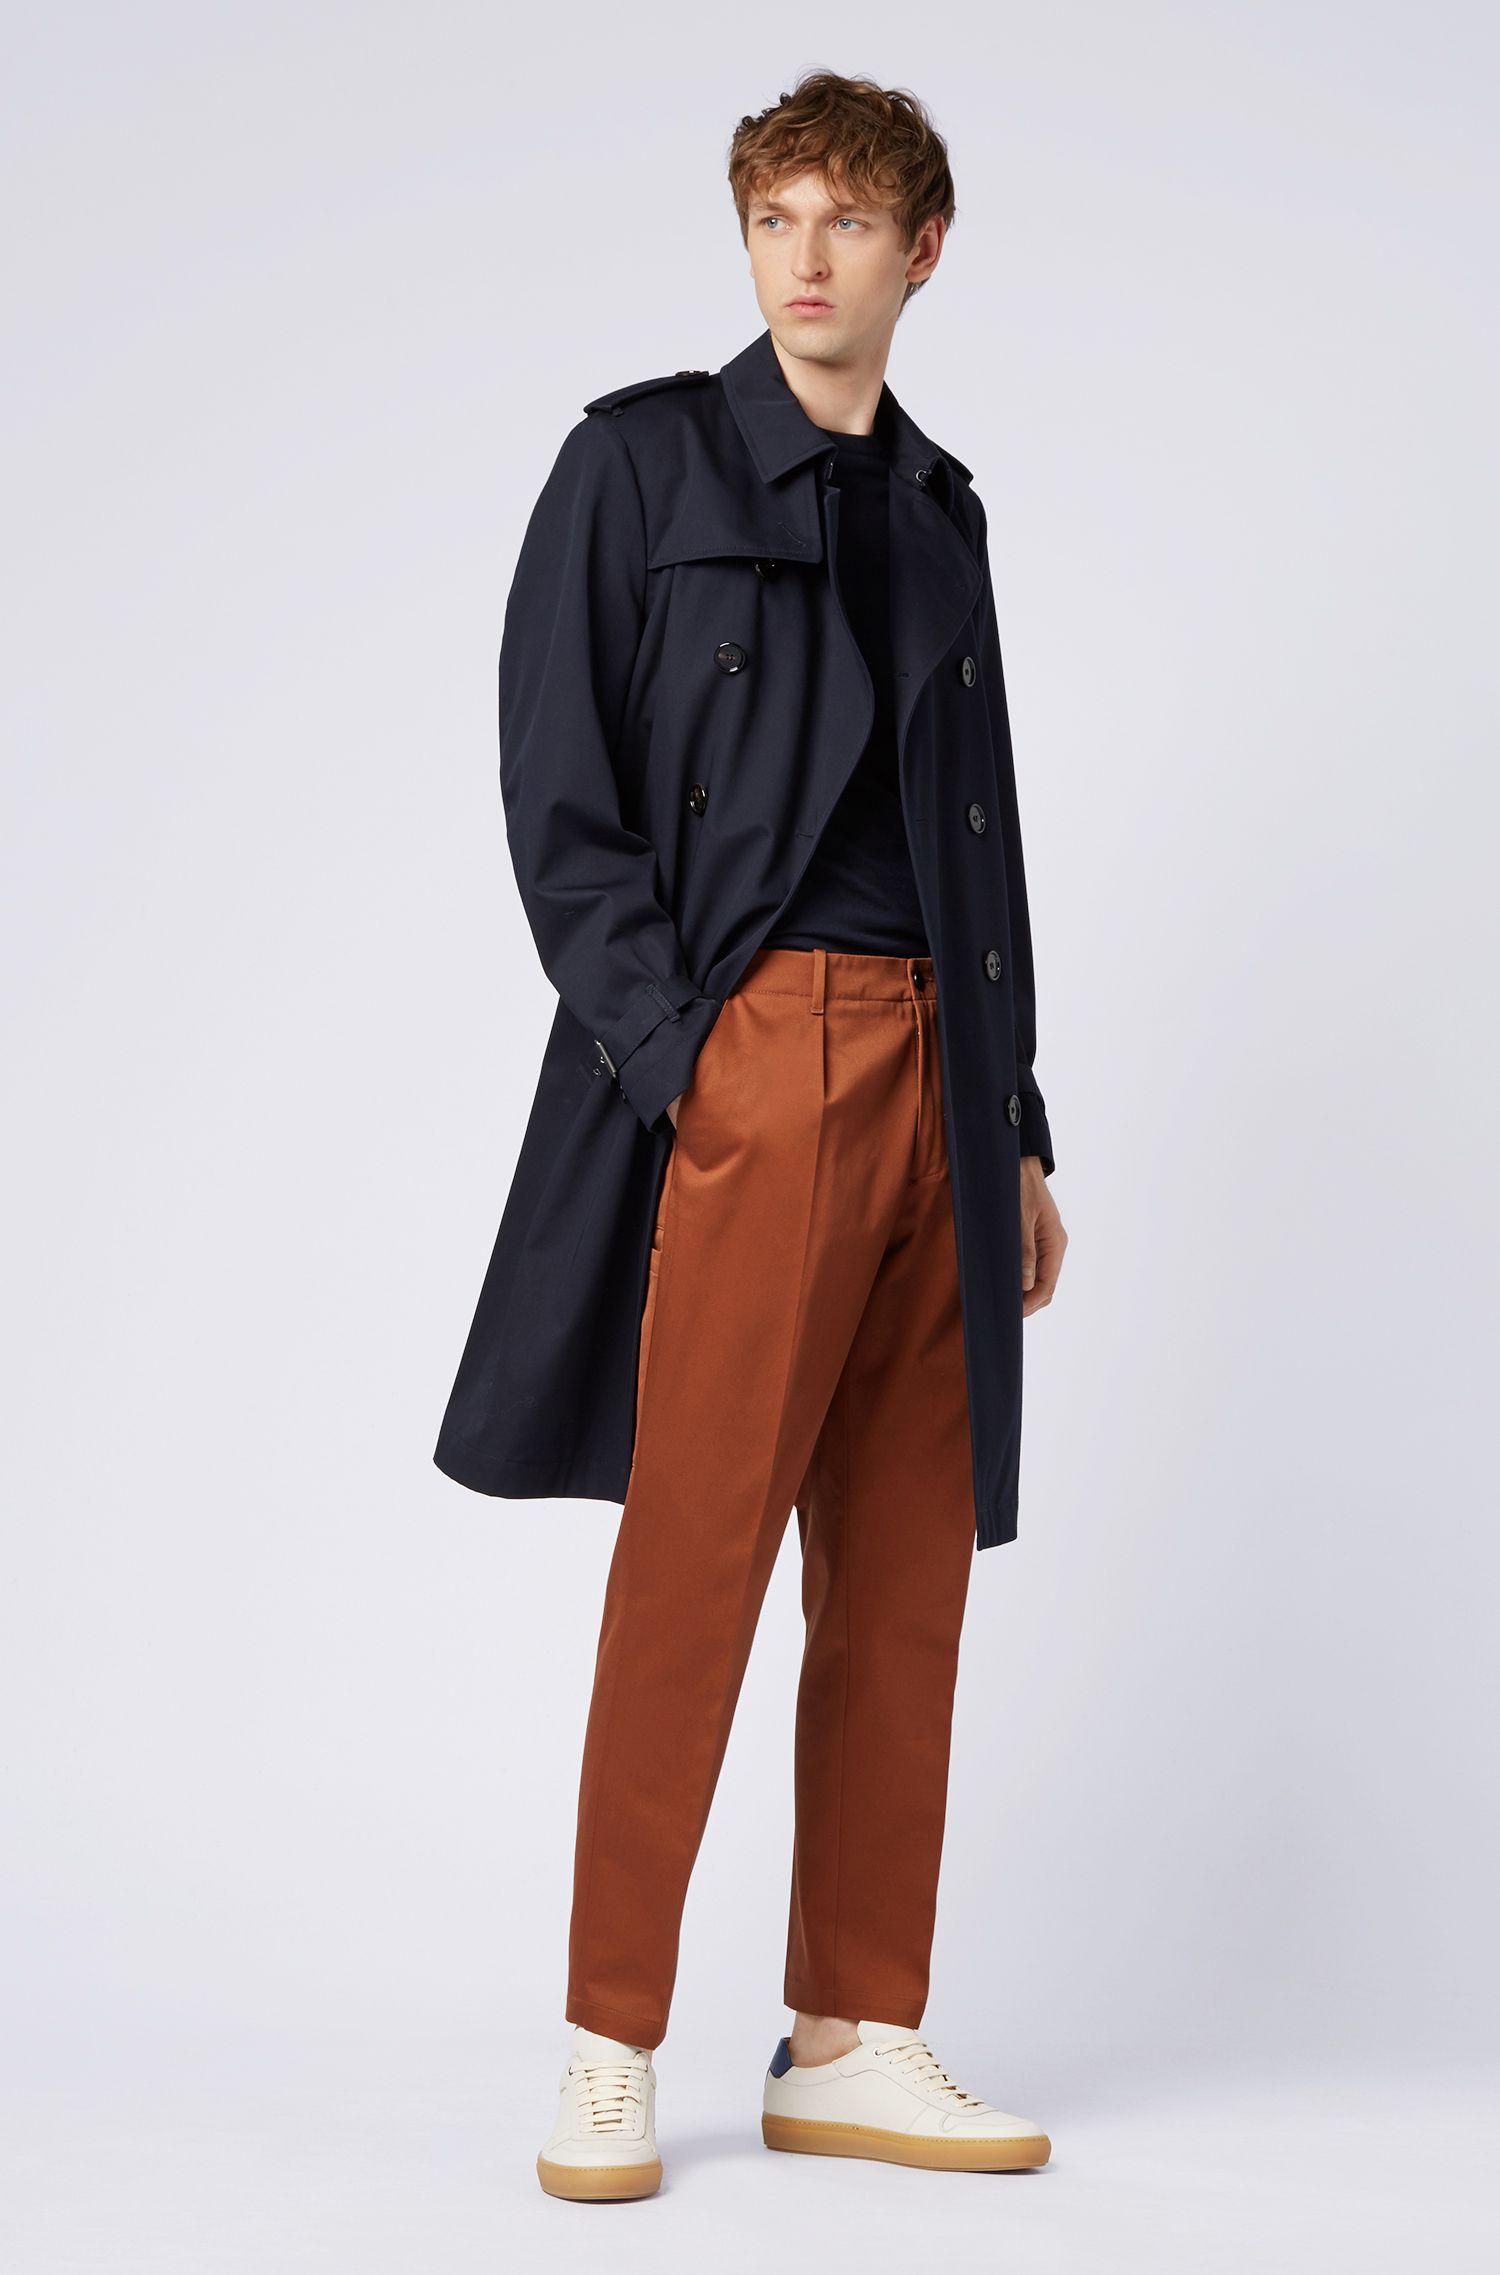 Hugo Boss - Pantalones relaxed fit en tejido de gabardina de algodón con bolsillos cosidos - 2